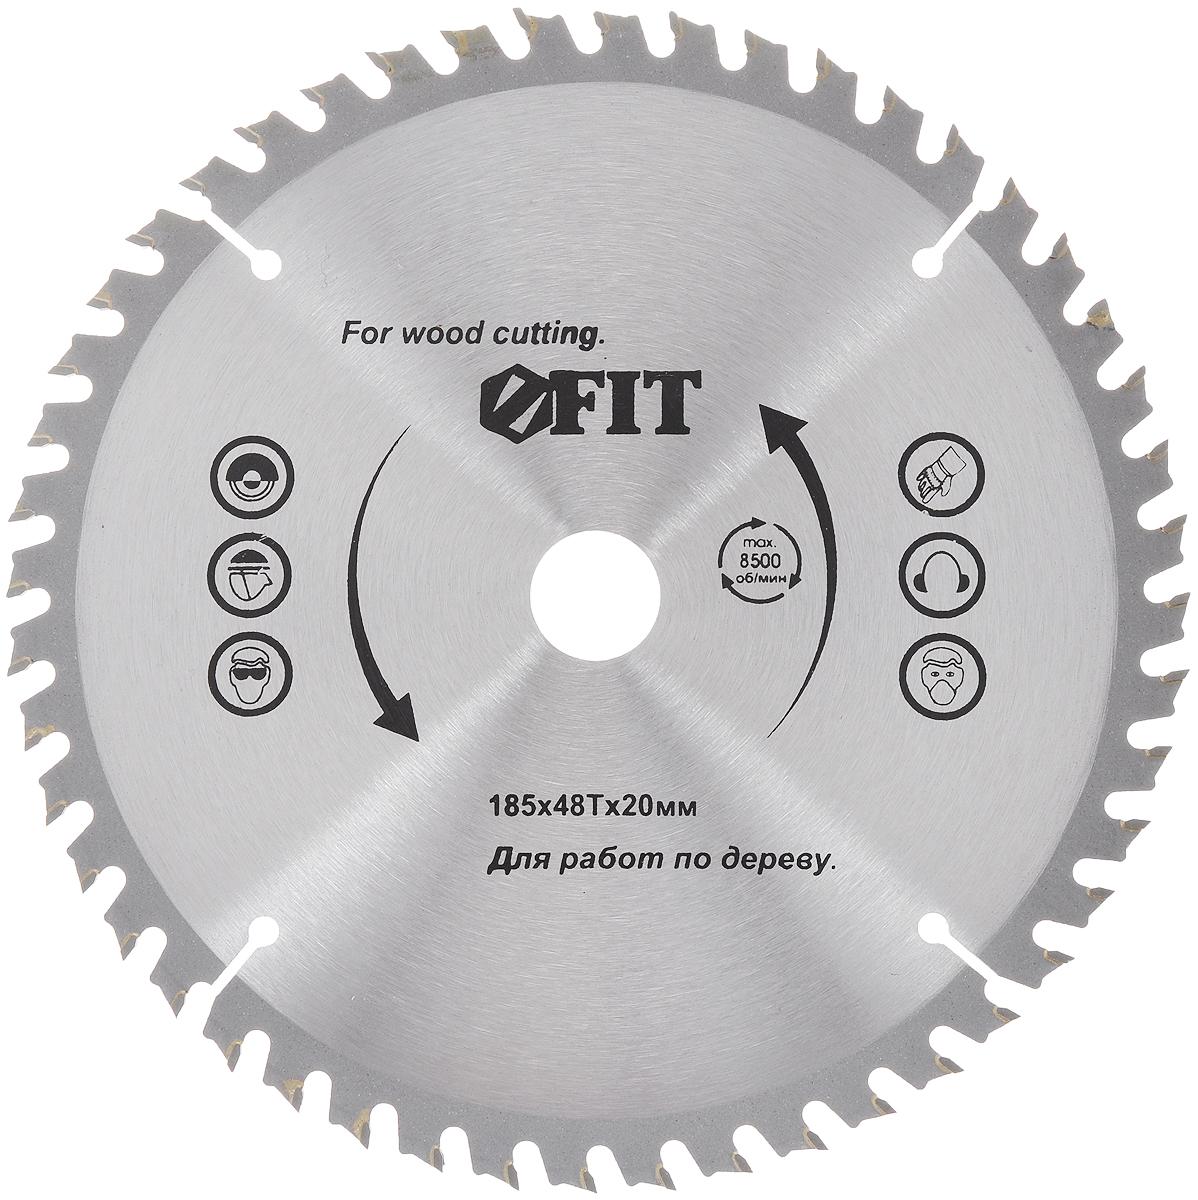 Диск пильный FIT, по дереву, со специальной формой зуба, диаметр 185 мм37688Пильный диск FIT является сменным элементом для ручных дисковых пил. Предназначен для выполнения продольных и поперечных резов в мягких и твердых породах дерева, фанере, а также в ДСП с покрытием. Изделие имеет специальную форму зуба для эффективного отвода стружки. Оснастка изготовлена из высокоуглеродистой стали с карбидными режущими вставками. Внешний диаметр диска: 185 мм. Количество зубьев: 48 шт. Диаметр посадочного отверстия: 20 мм. Толщина карбидной вставки: 2,2 мм.